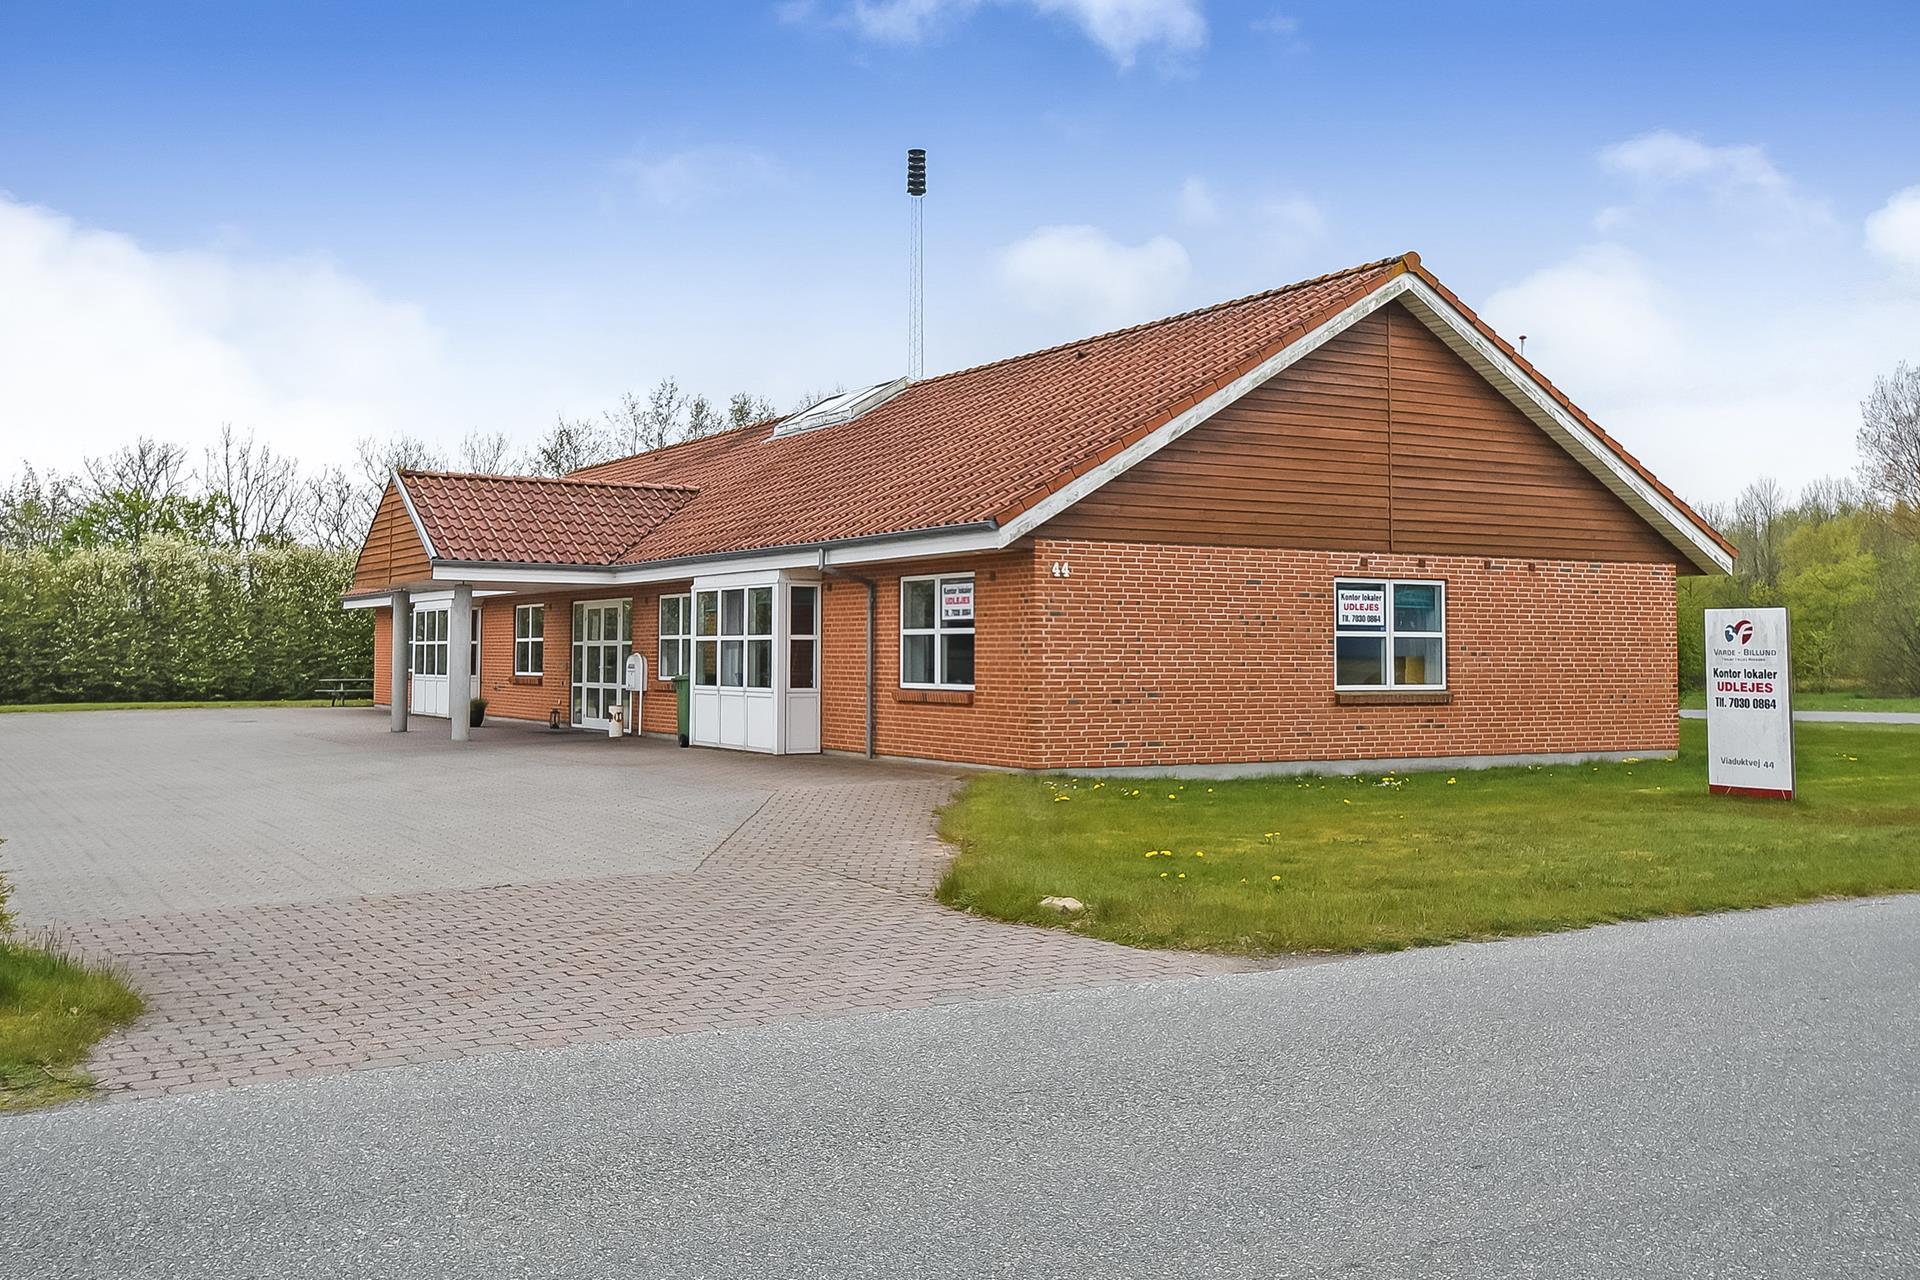 Bolig/erhverv på Viaduktvej i Ølgod - Ejendommen